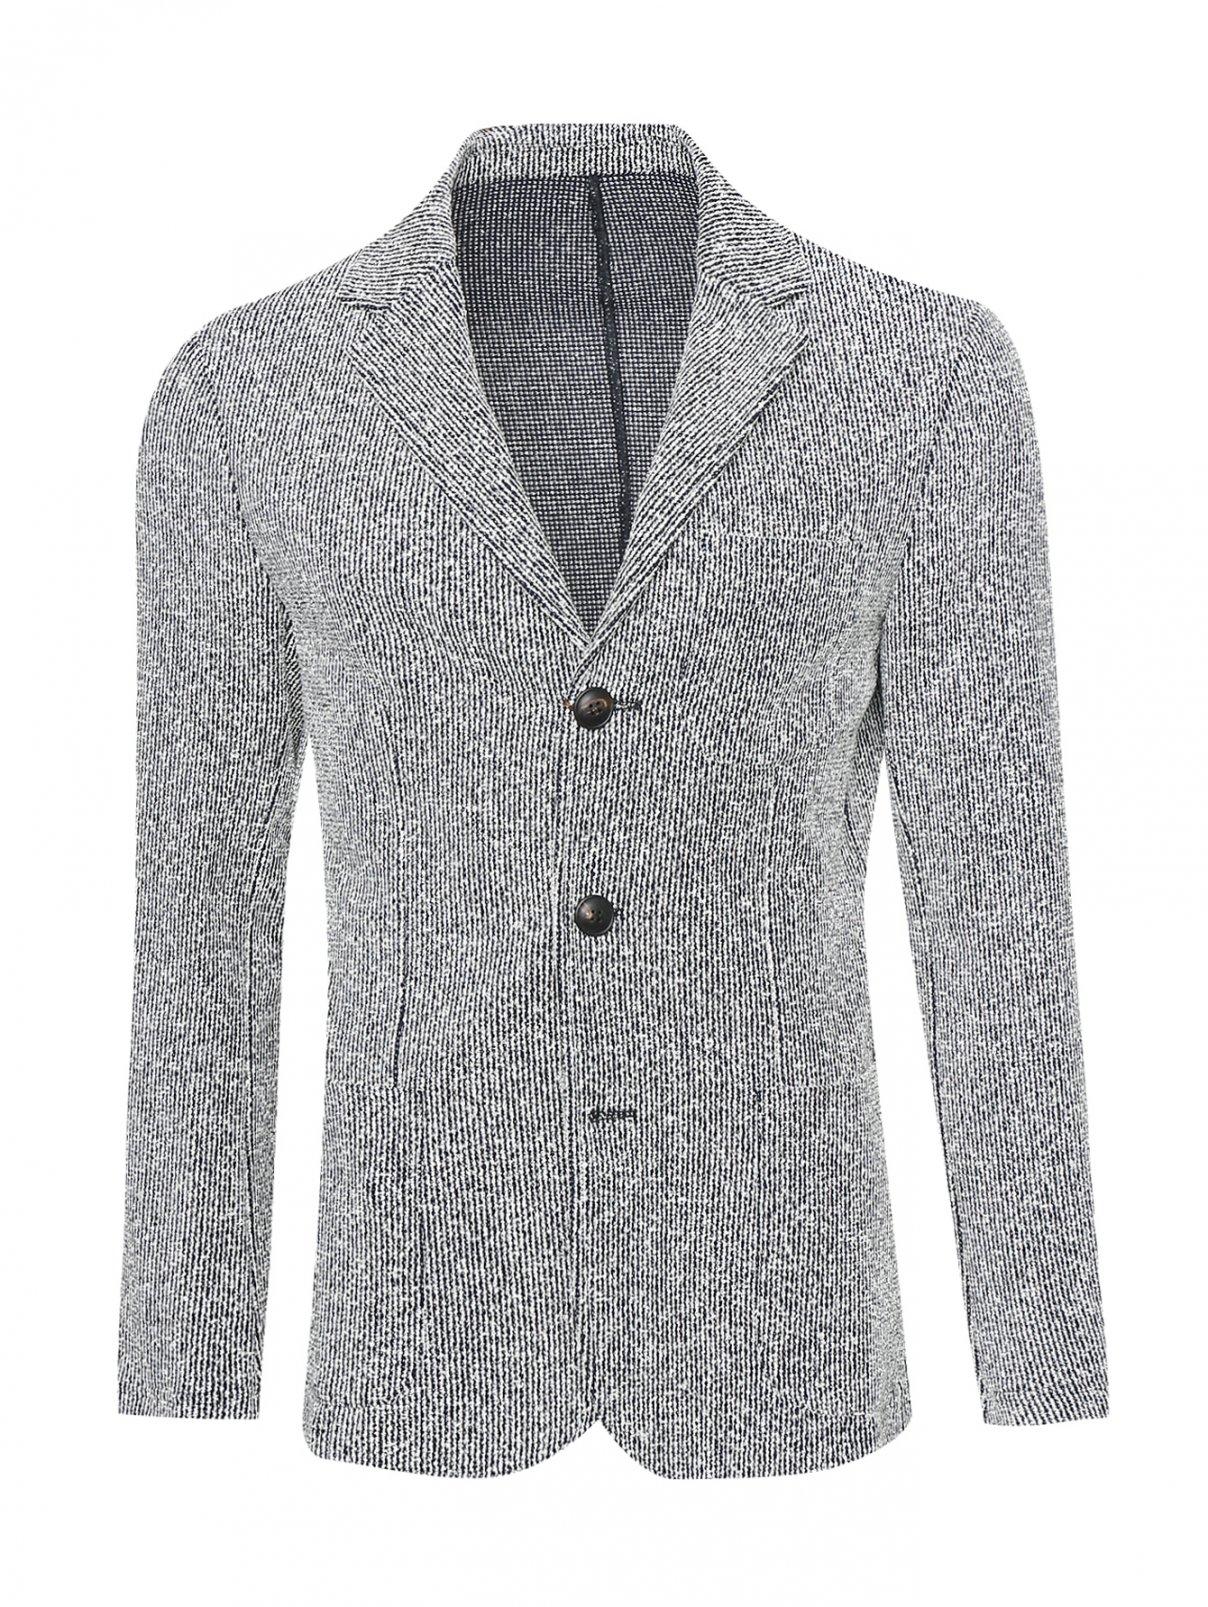 Пиджак однобортный из хлопка Pal Zileri  –  Общий вид